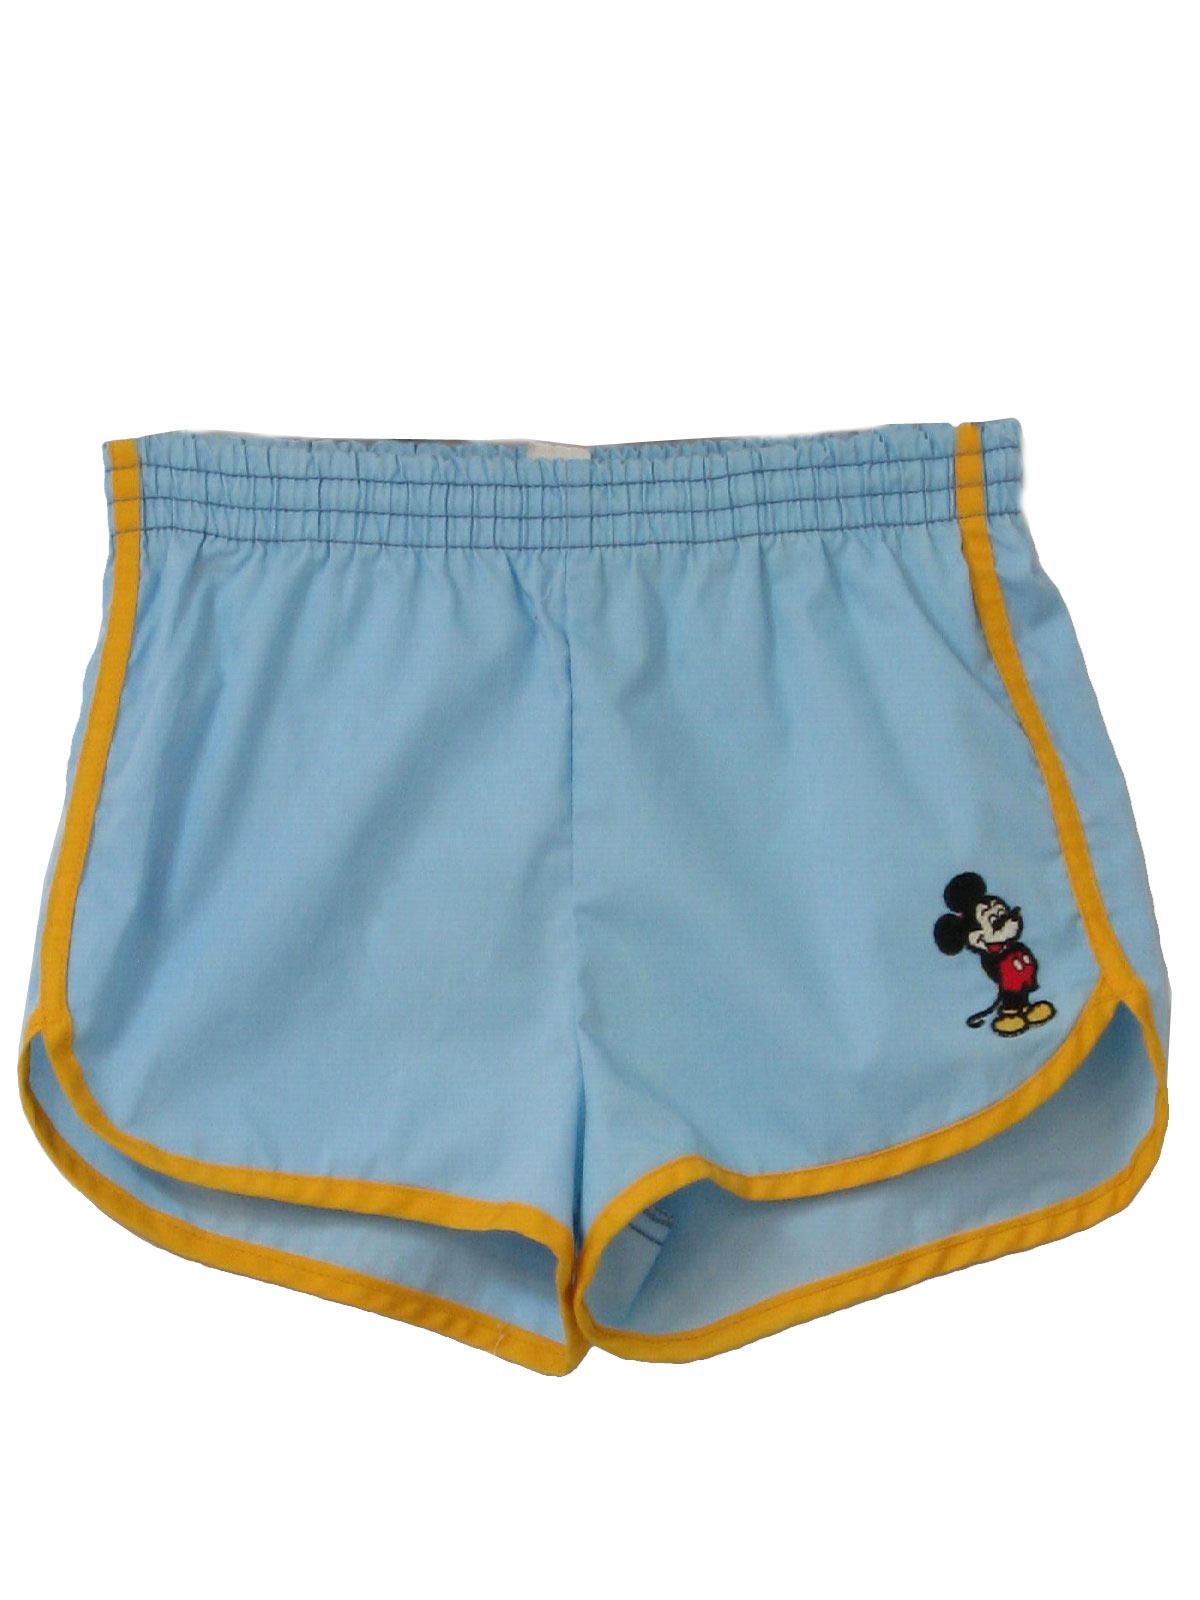 6dc9411cc3 70s Swimsuit/Swimwear: Early 70s -Mickey Mouse swimwear by Tom Jones ...